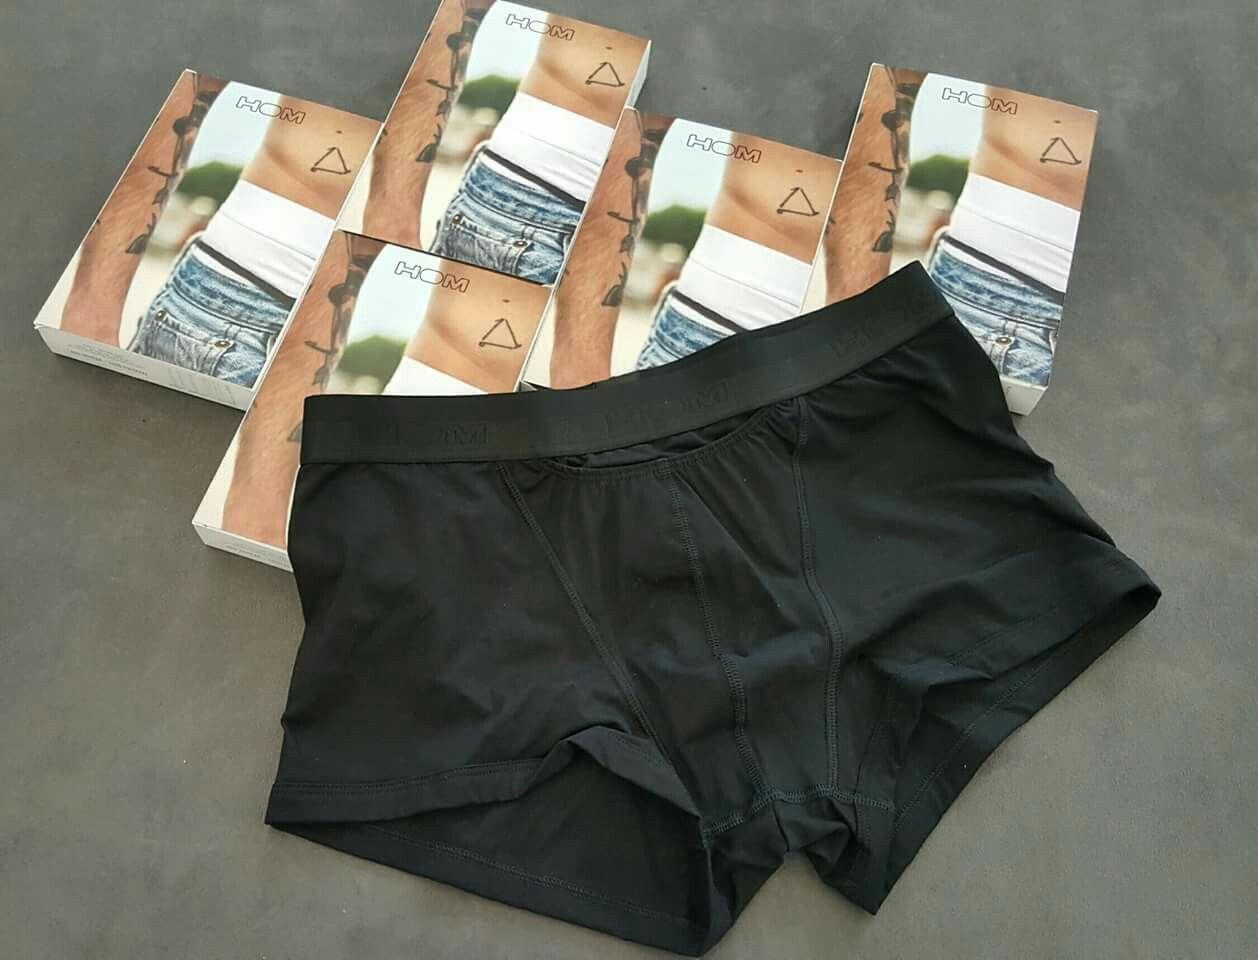 Hom bei Bernstein Underwear in Bensheim   Bernstein Underwear ...